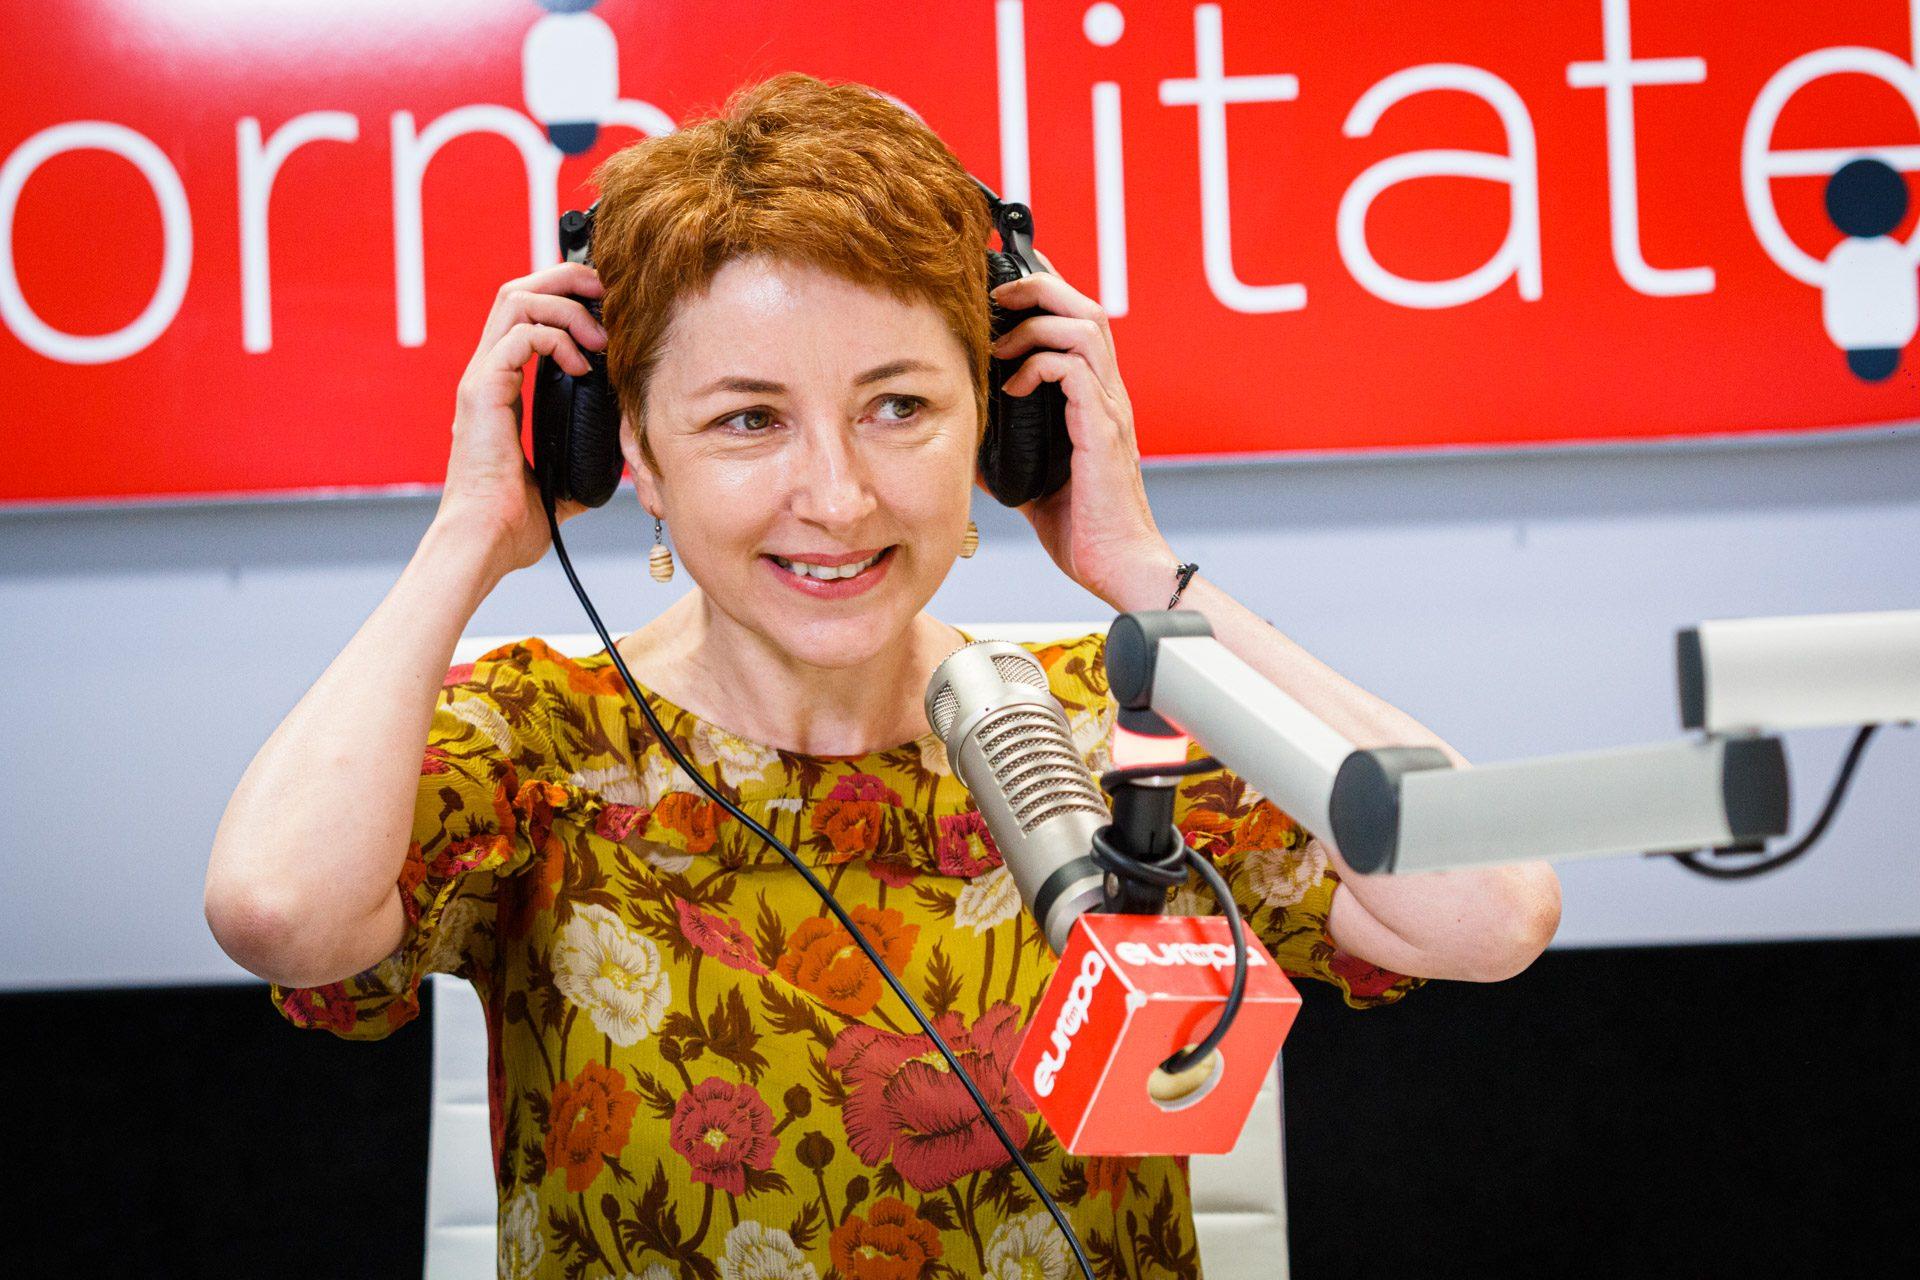 Europa FM și-a anunțat noul director de știri. Alice Iacobescu îl va înlocui pe Teodor Tiță, acum în echipa de campanie a USR